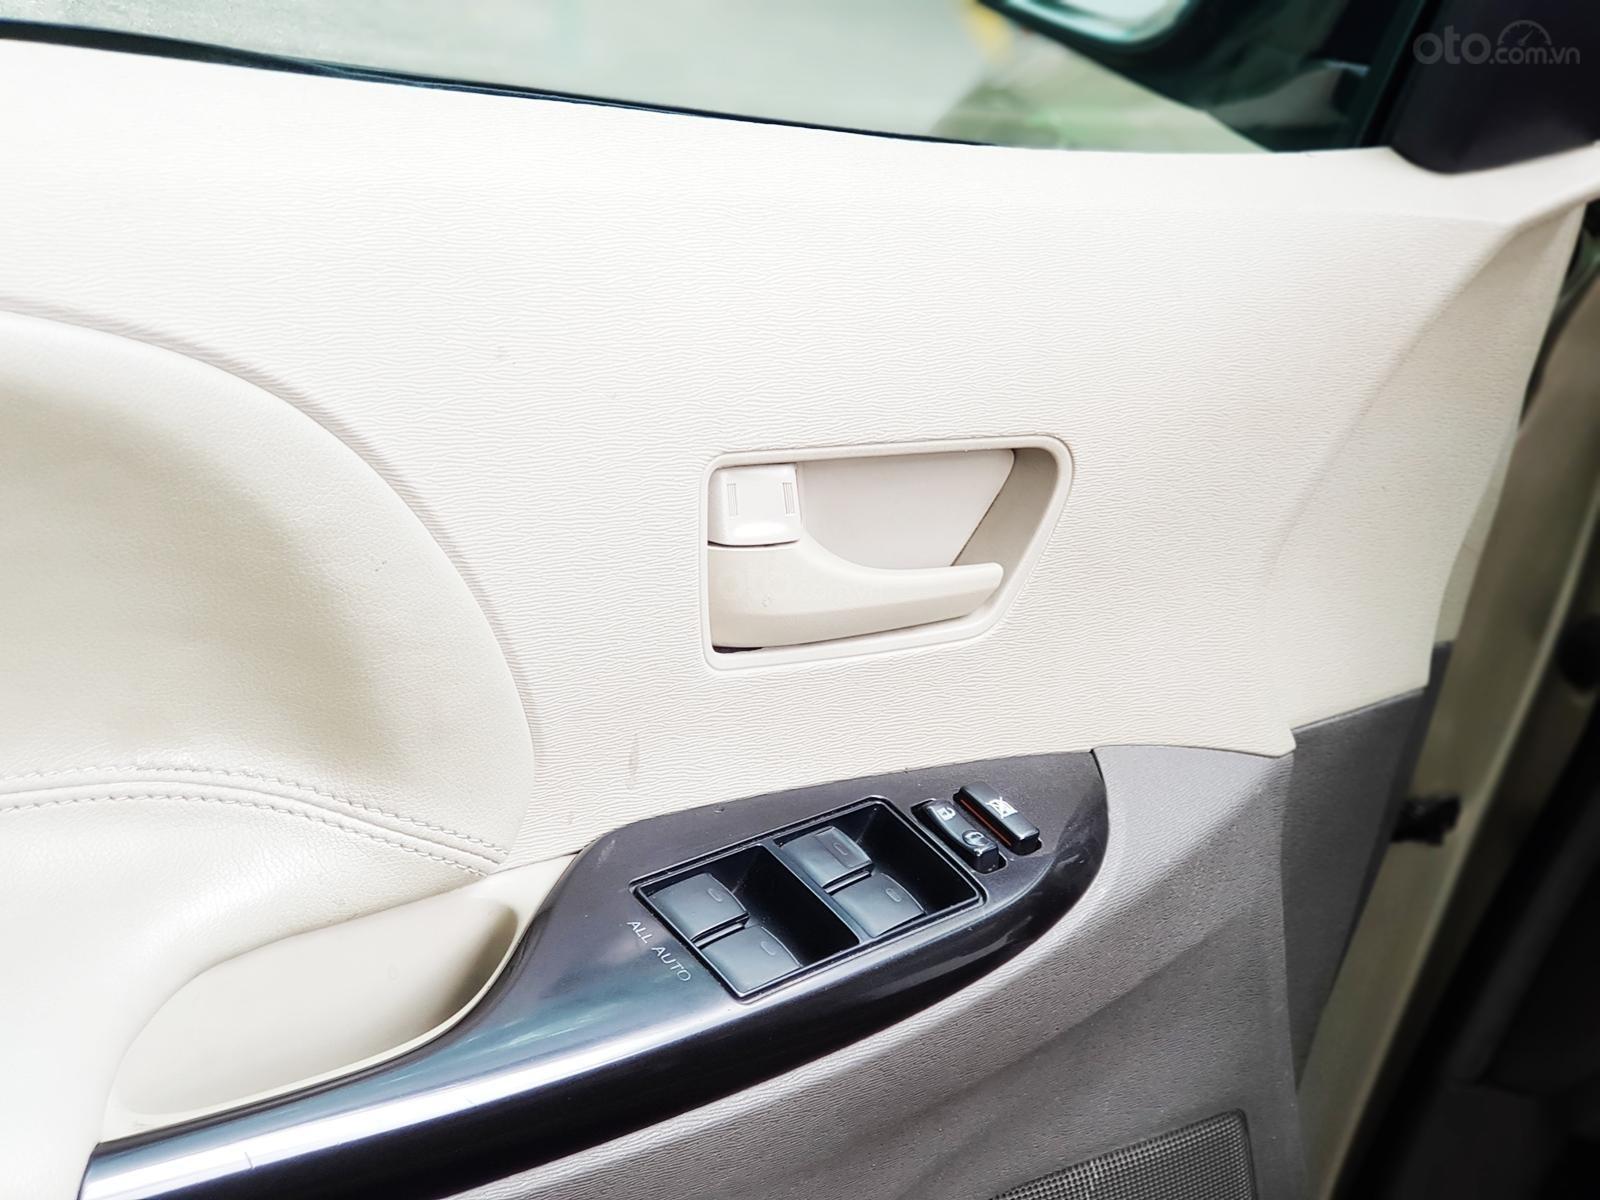 Bán xe Toyota Sienna 2011 3.5 LE nhập khẩu Mỹ (10)